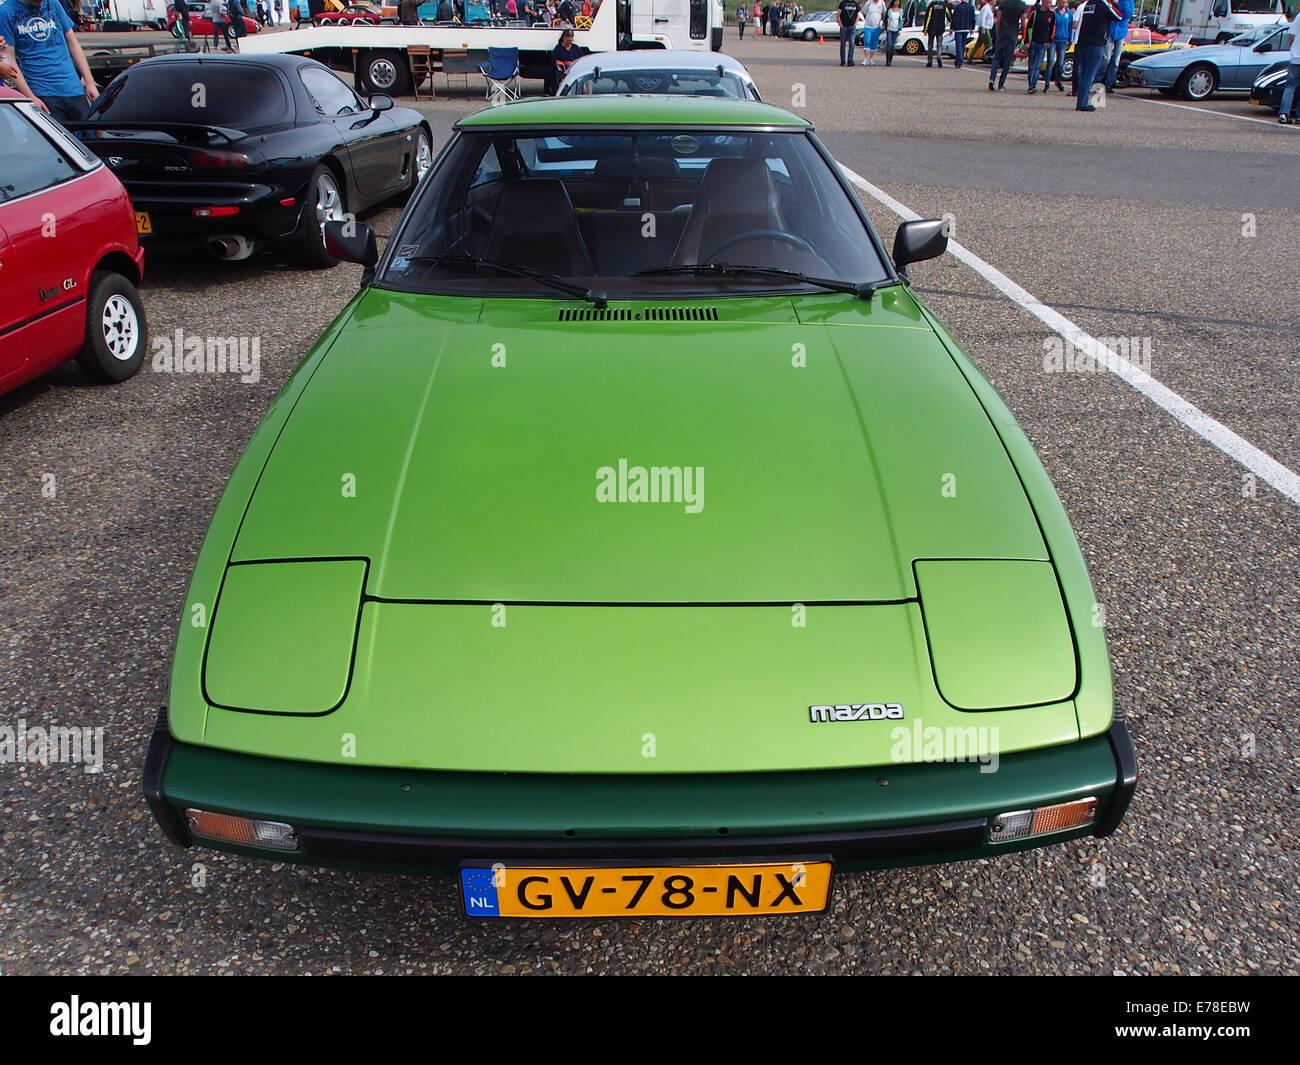 1981 Mazda RX-7, la licence GV-78-NX, pic4 Photo Stock